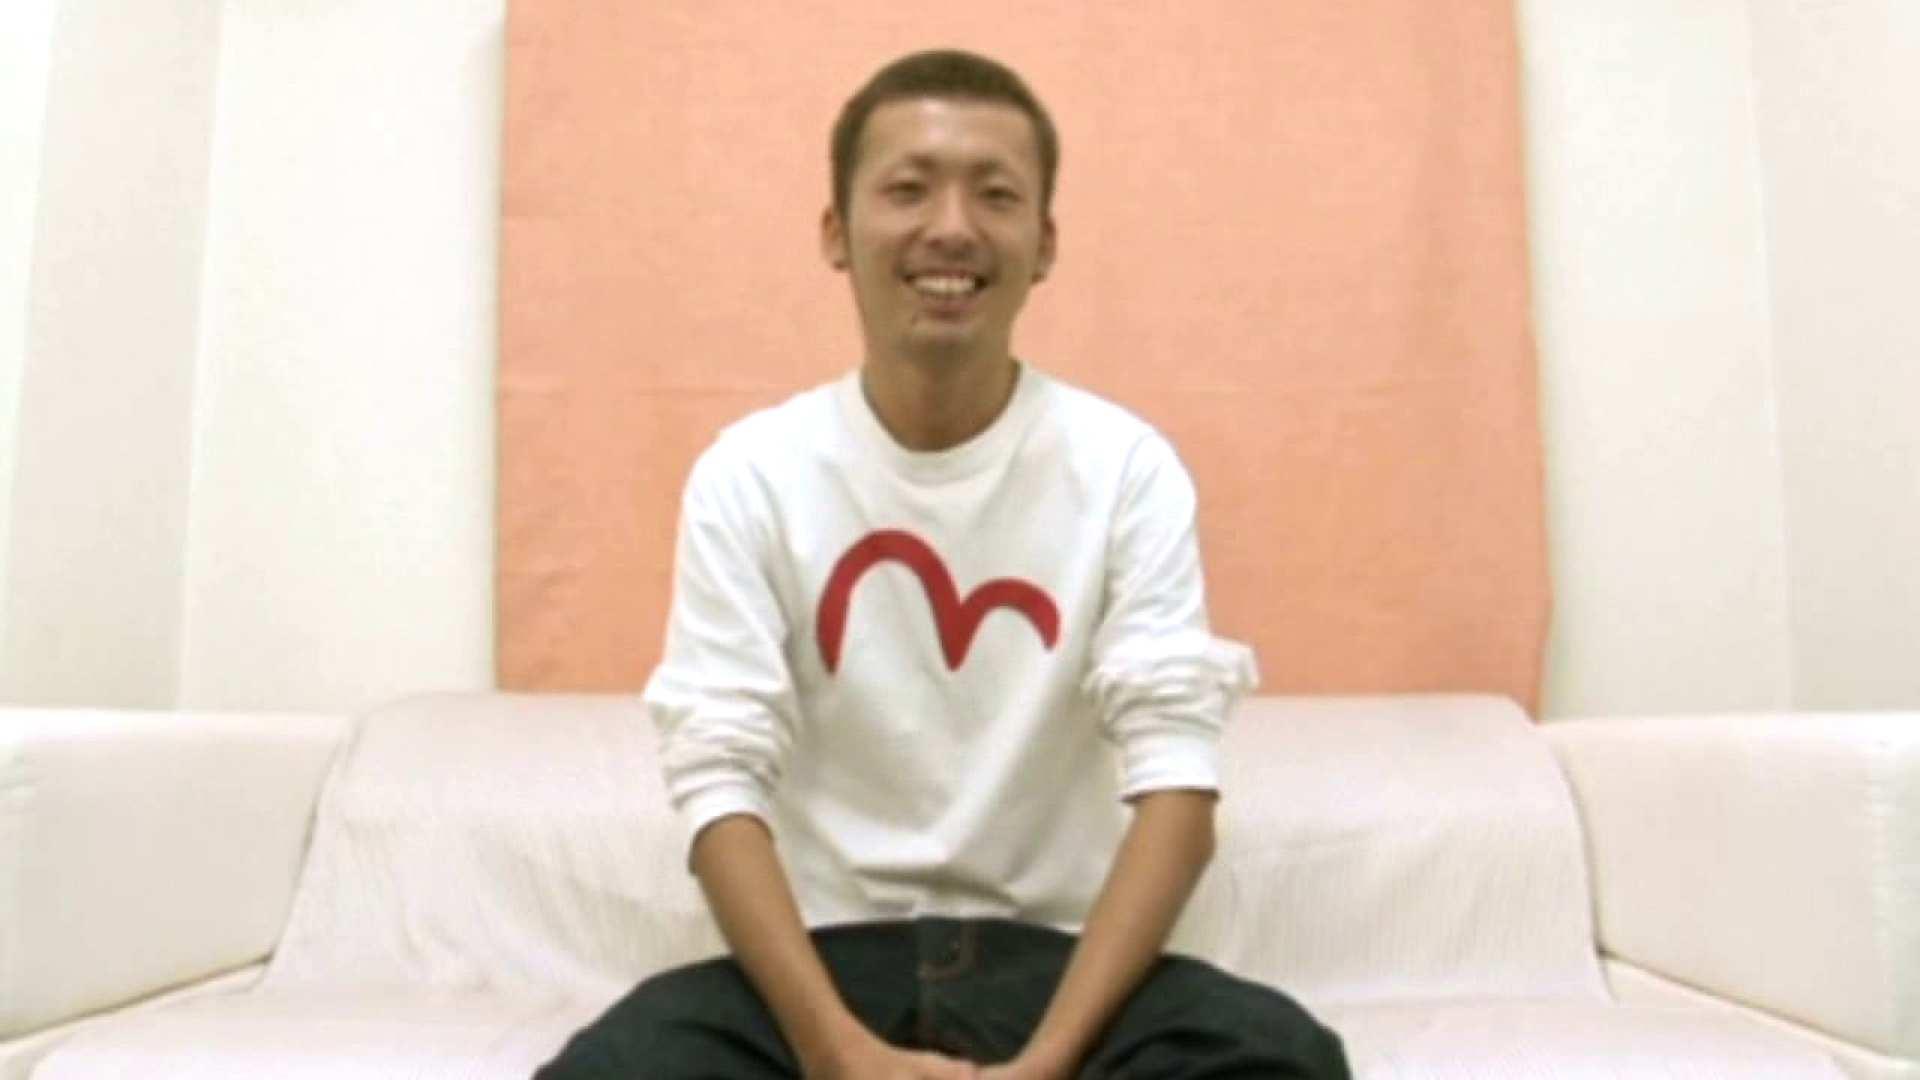 ノンケ!自慰スタジオ No.11 ノンケ君達の・・ ゲイセックス画像 67枚 3